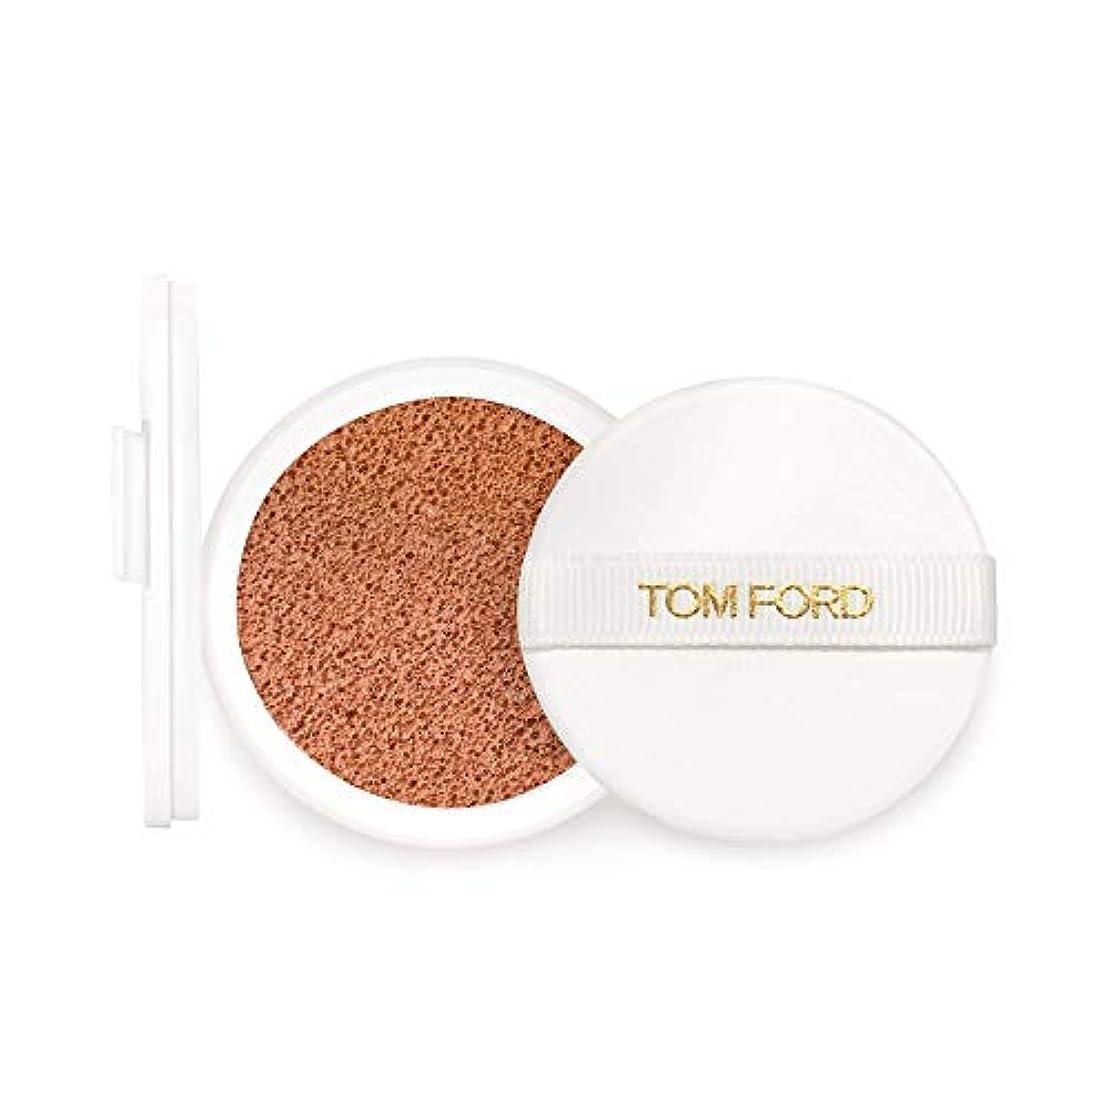 に沿って瞑想する簡潔なトム フォード Soleil Glow Tone Up Hydrating Cushion Compact Foundation SPF40 - # 7.8 Warm Bronze 12g/0.42oz並行輸入品